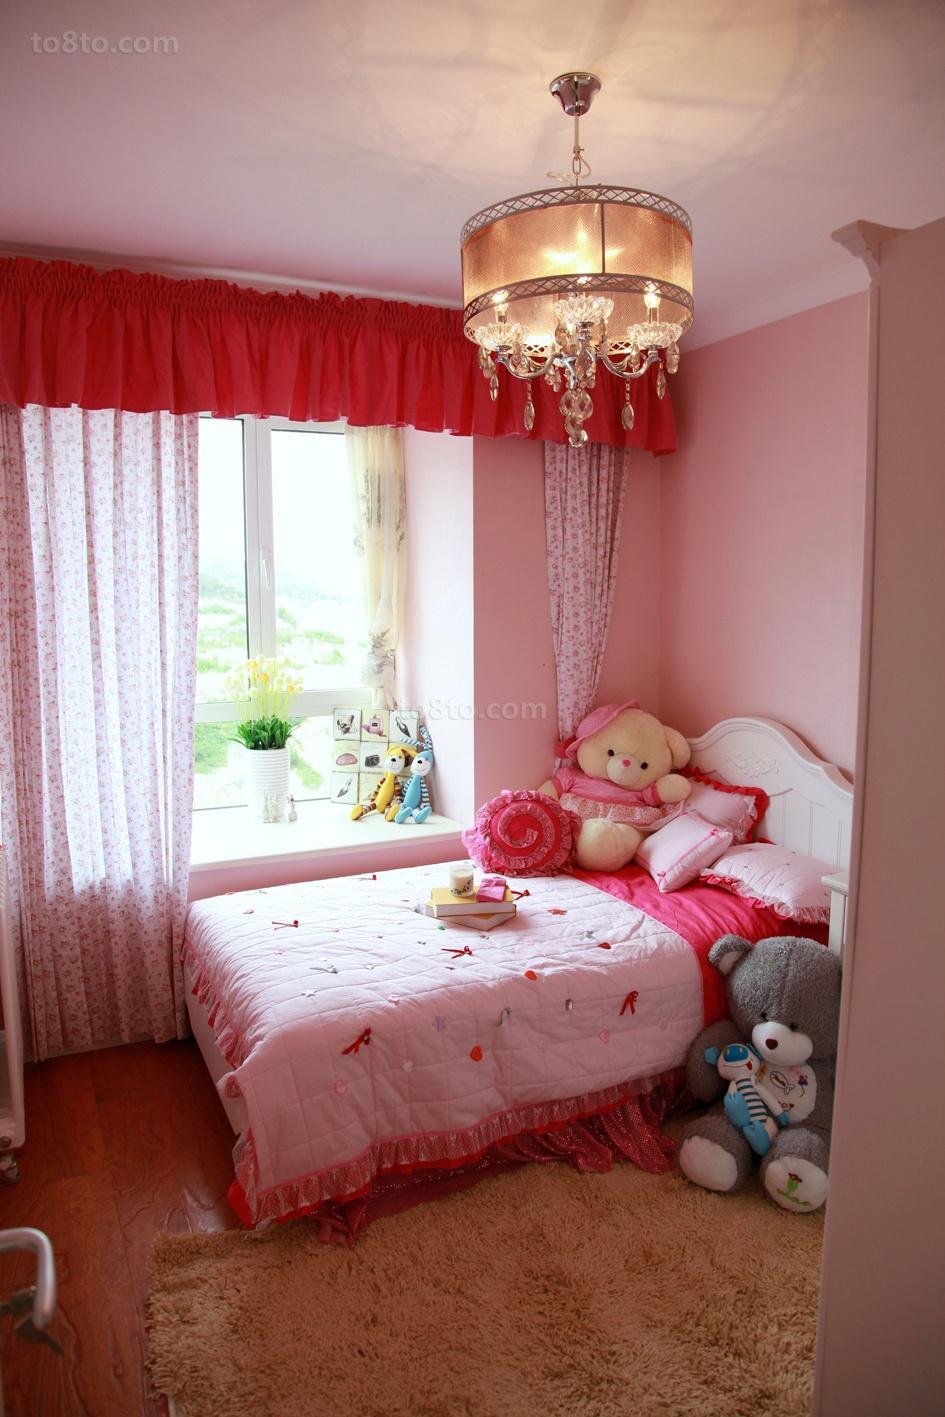 精选70平米二居儿童房欧式装修图片欣赏